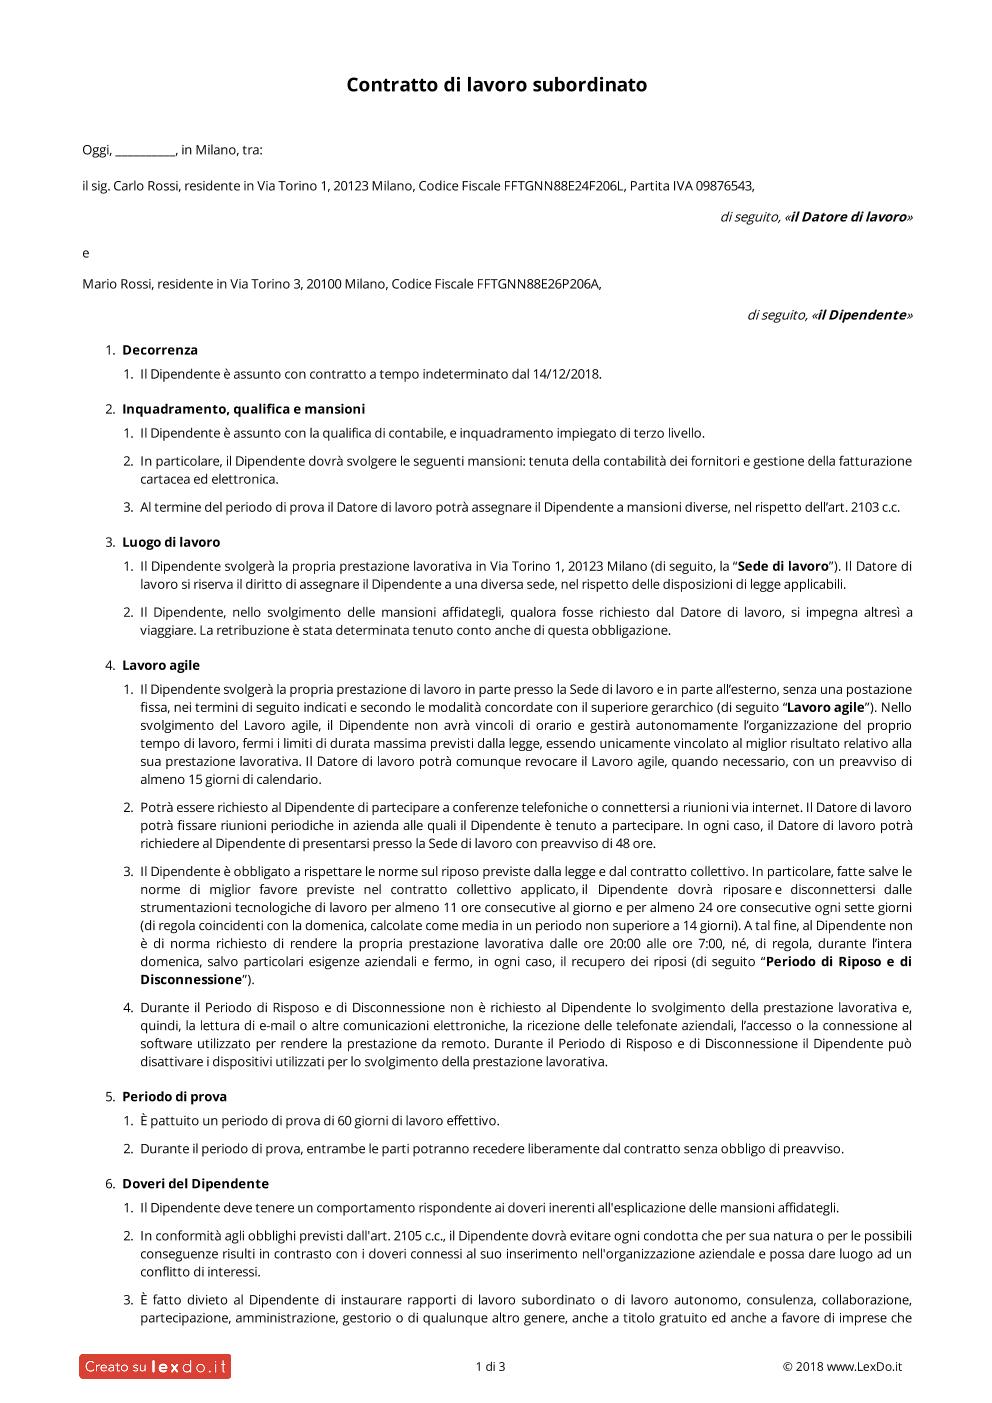 Contratto di Smart Working modello